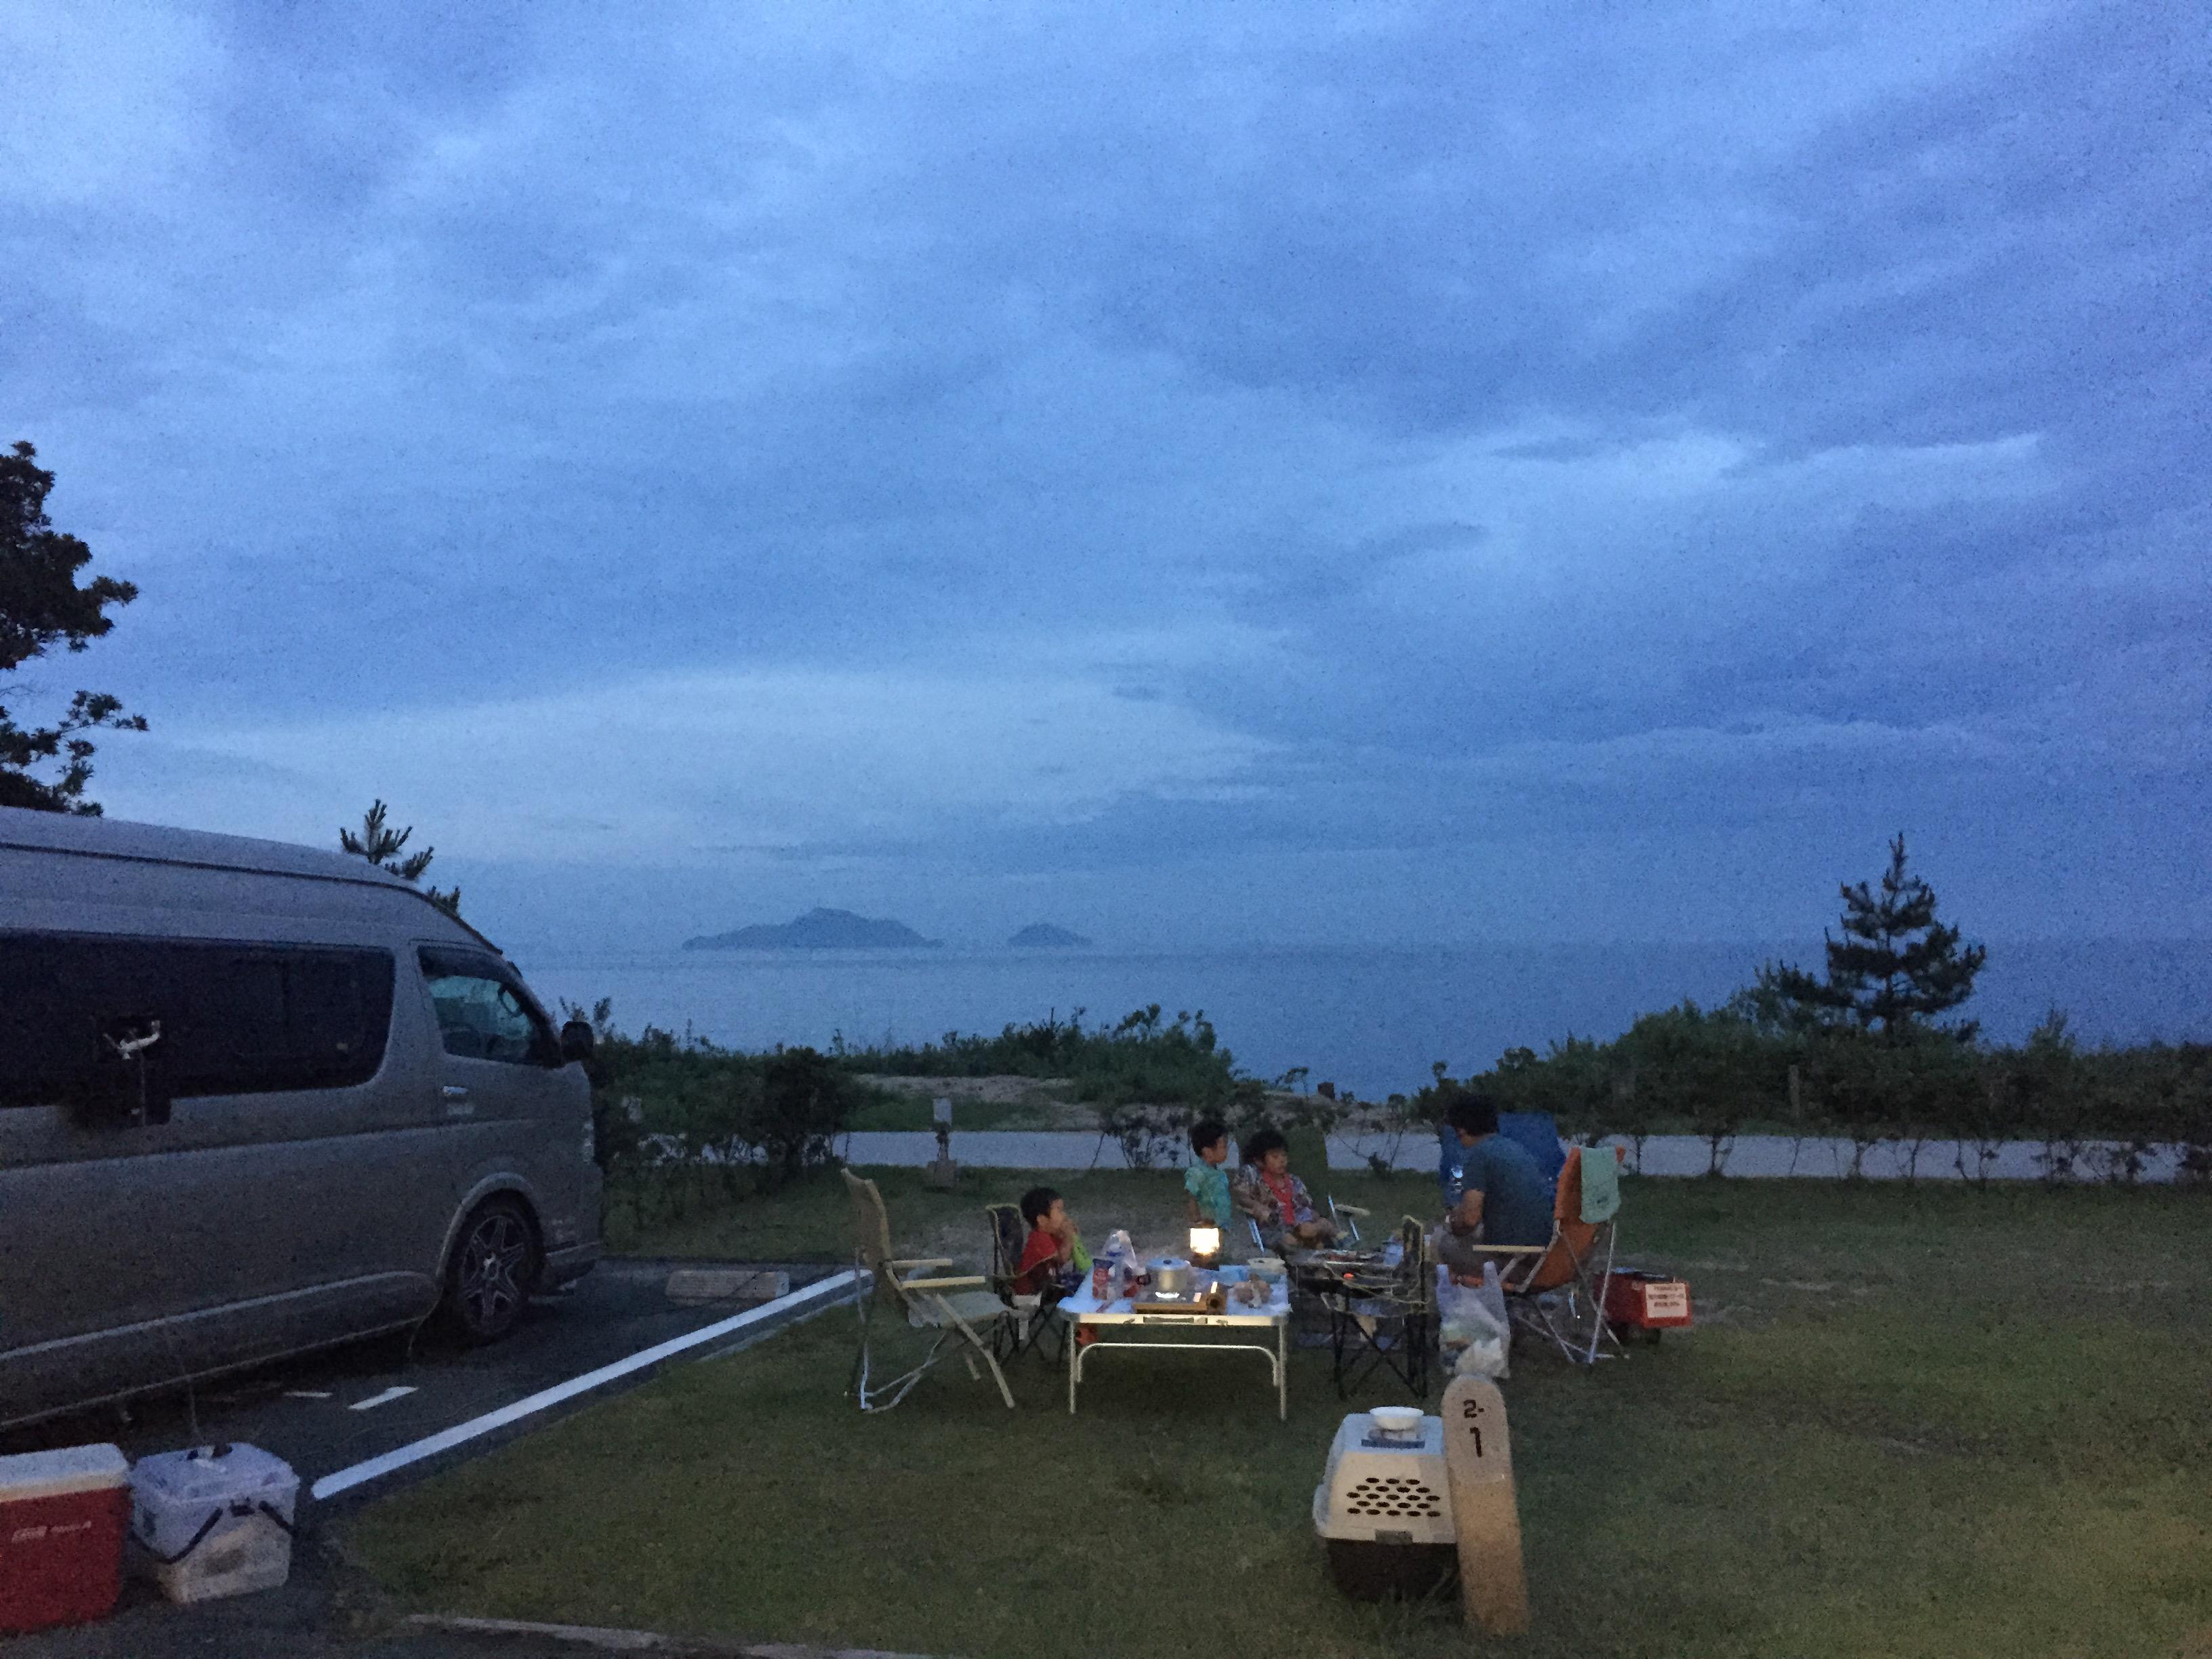 ハイエーストランポで車中泊 海水浴キャンプへ行ってきました!